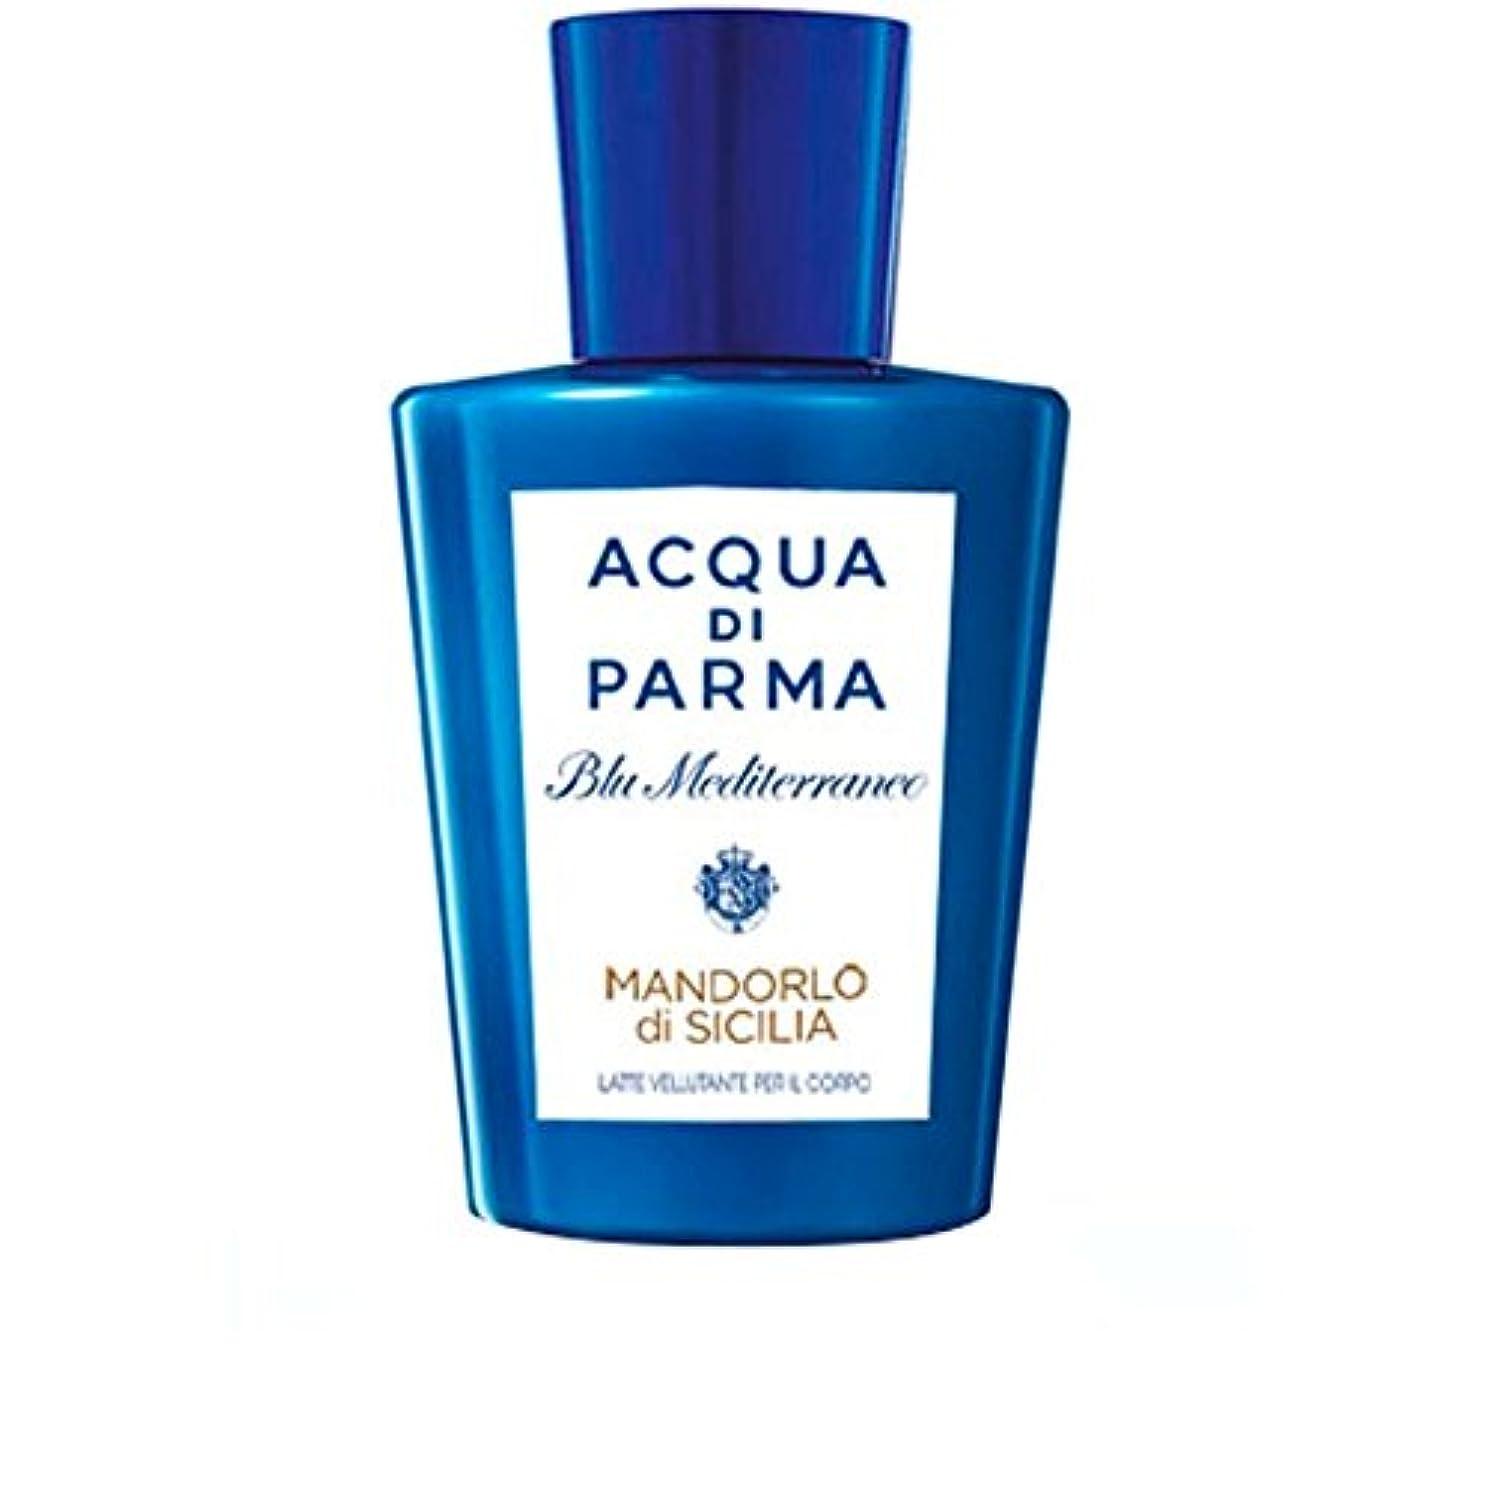 サンプル謙虚なトロピカルAcqua Di Parma Mandorlo Di Sicilia Pampering Body Lotion 200ml (Pack of 6) - アクアディパルママンドルロ?ディ?シチリア至福のボディローション200...